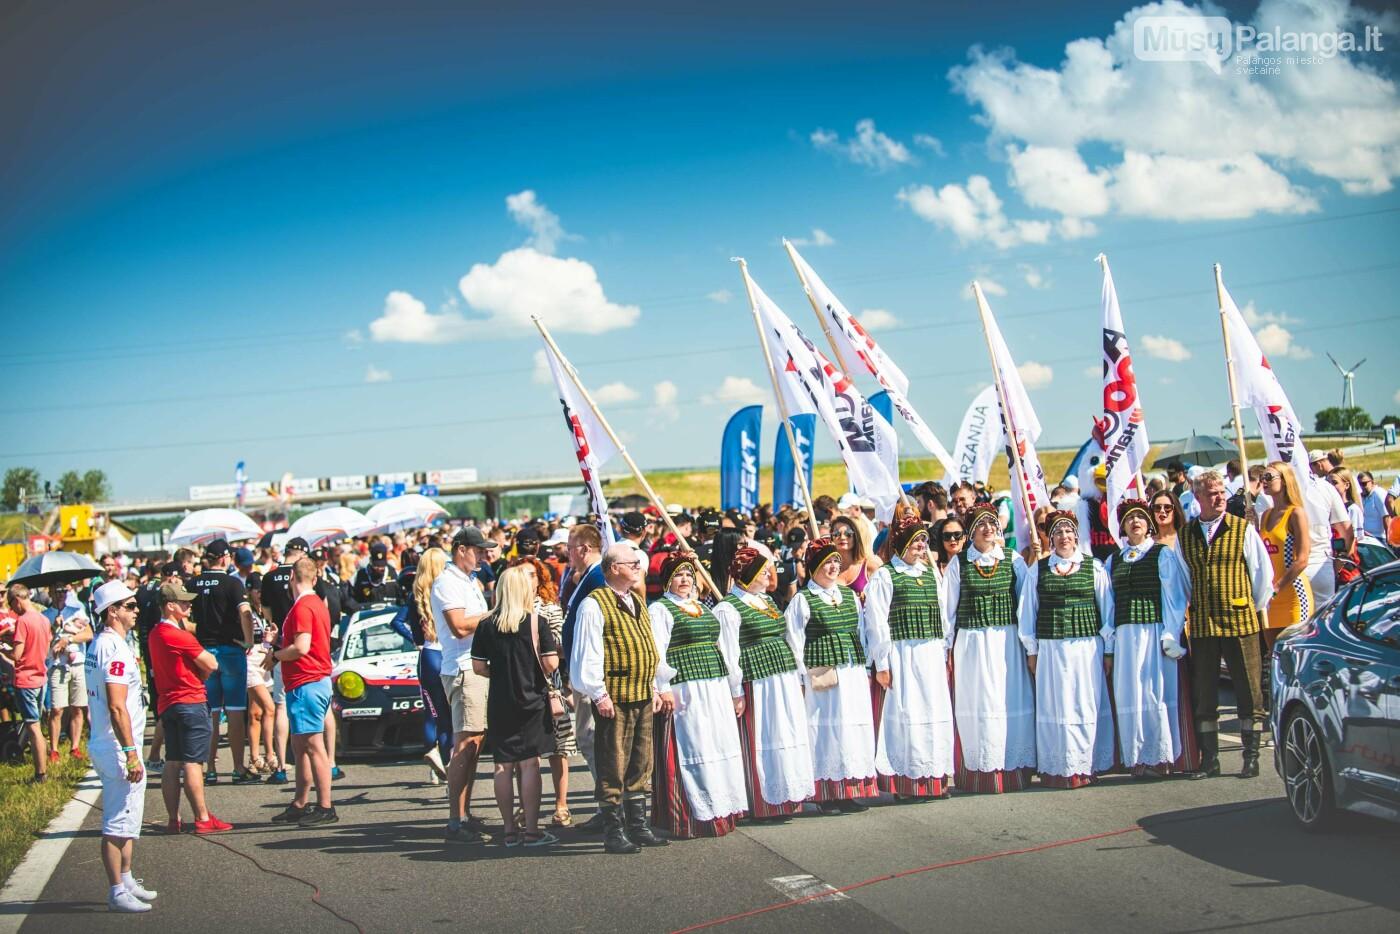 """Palangoje startavo """"Aurum 1006 km"""" lenktynės, nuotrauka-16, Vytauto PILKAUSKO ir Arno STRUMILOS nuotr."""